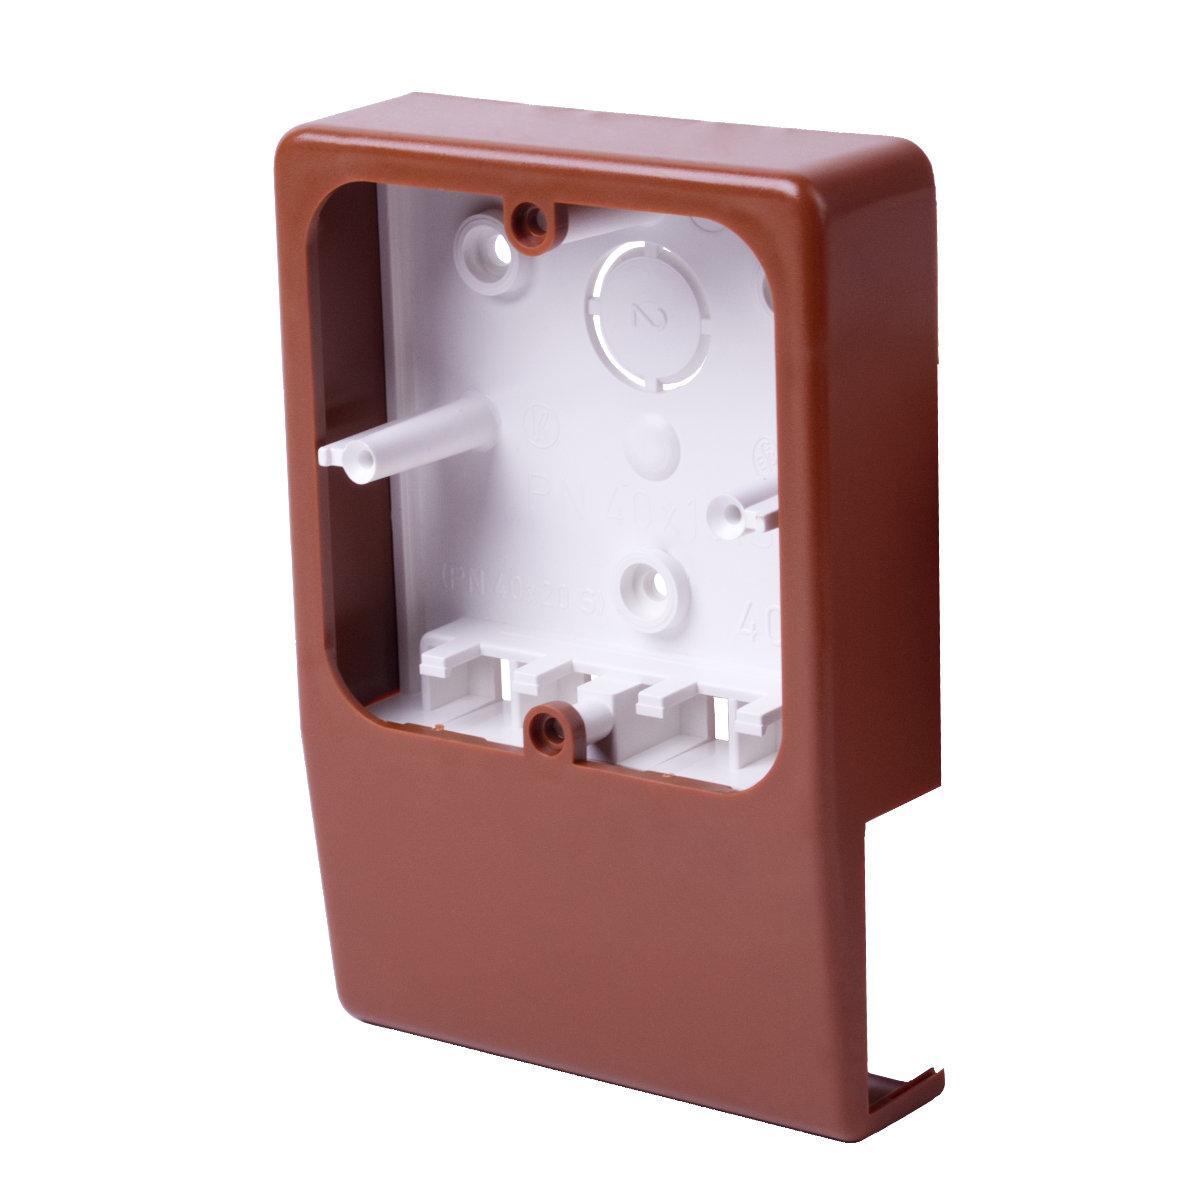 Приладовий носій для  кабельних каналів LV 40x15 (дуб)